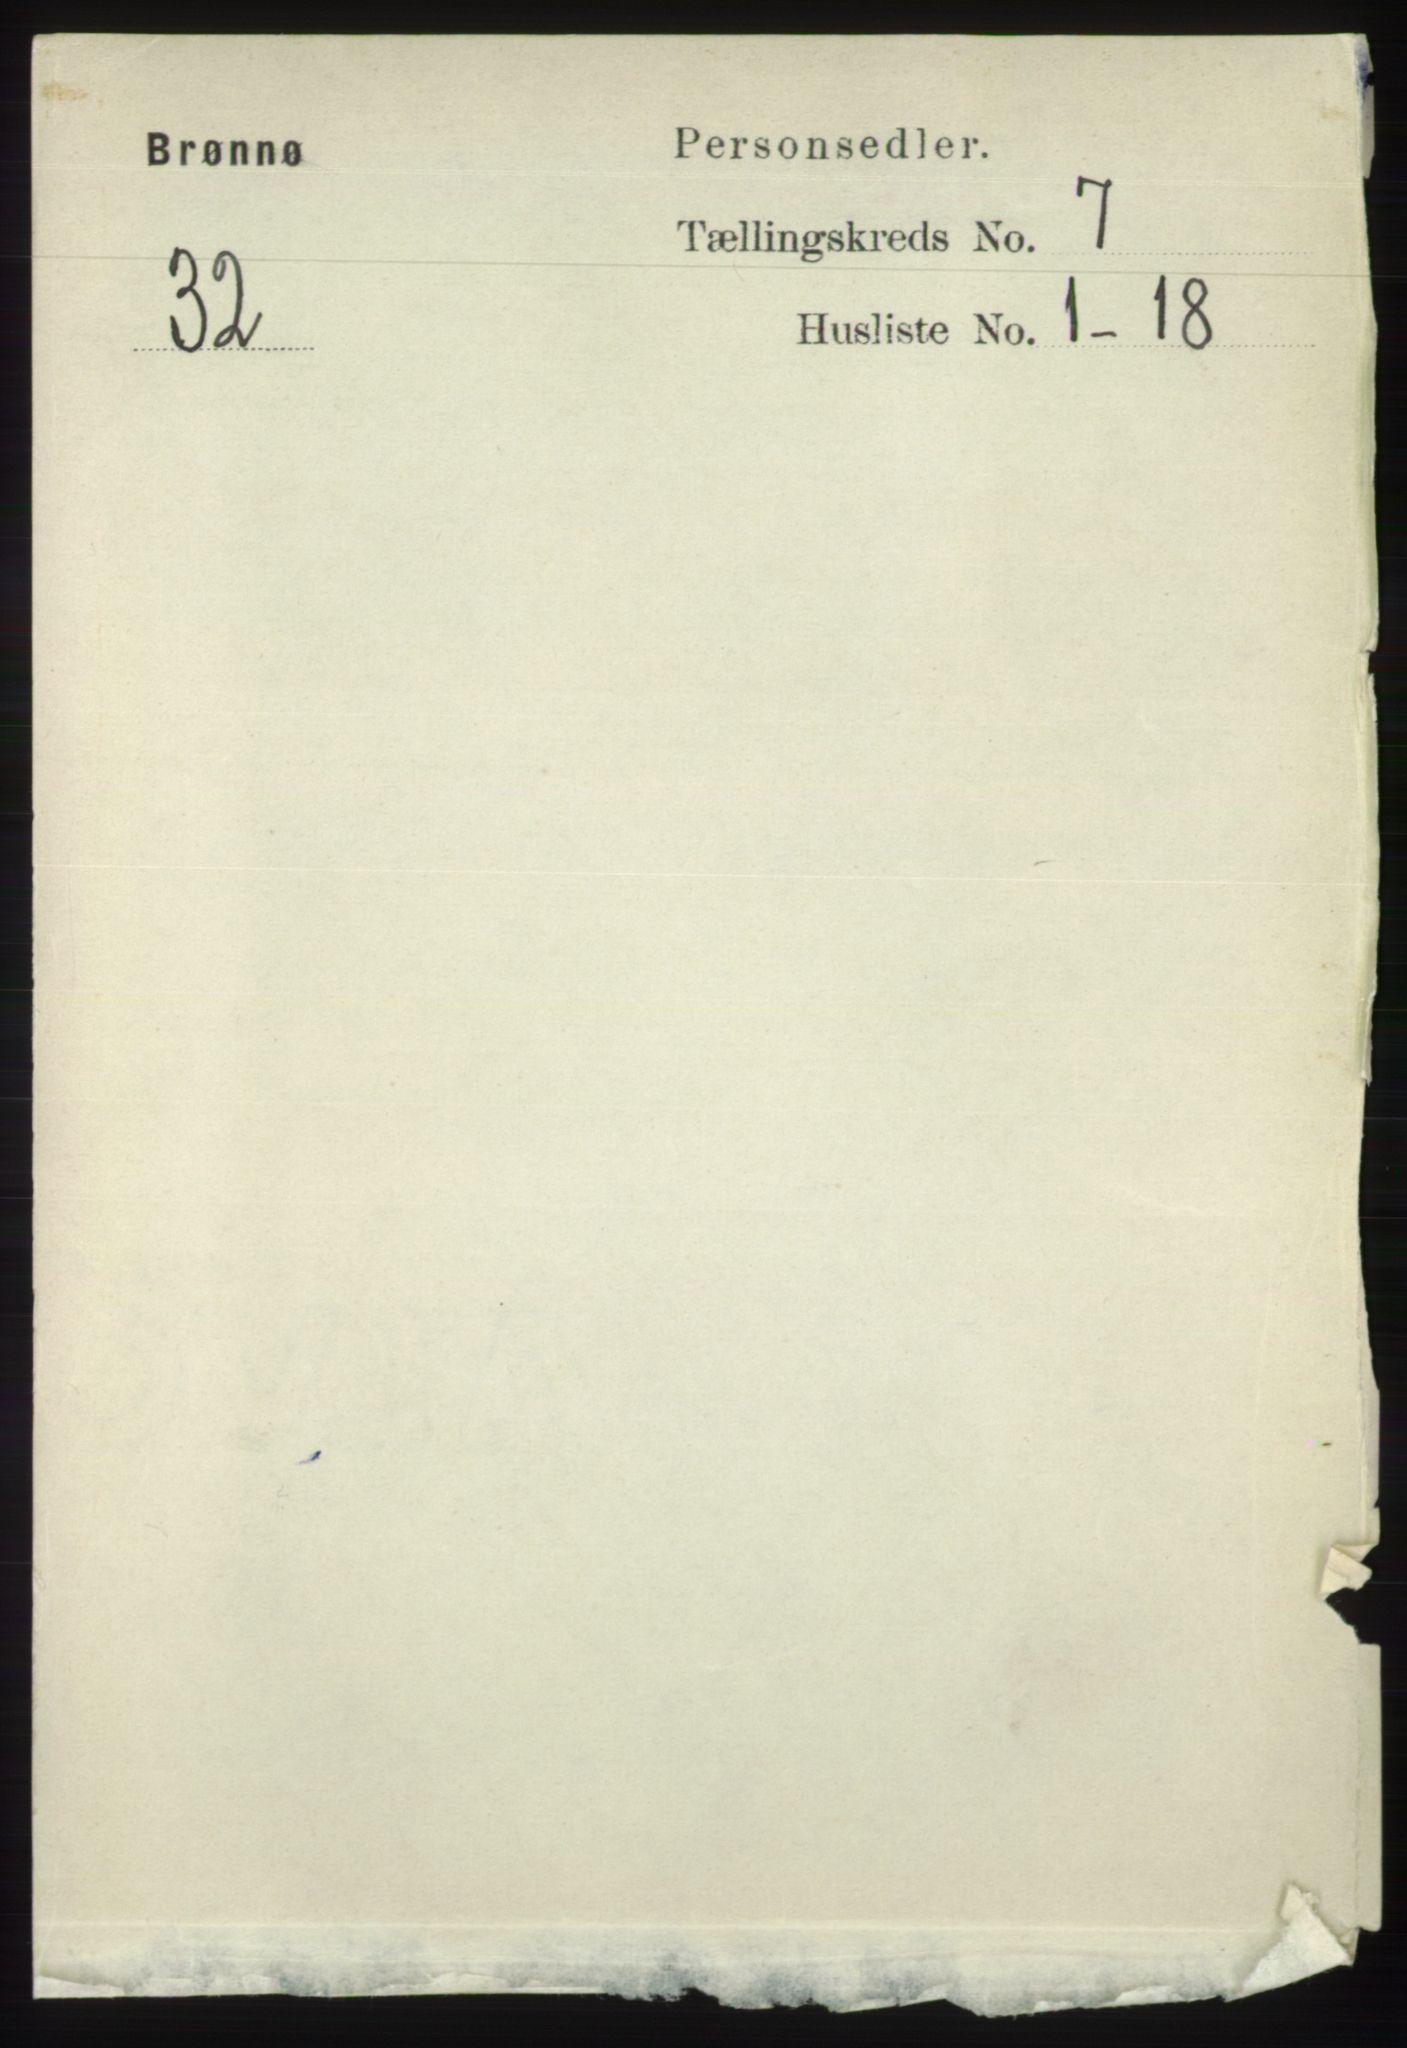 RA, Folketelling 1891 for 1814 Brønnøy herred, 1891, s. 3750